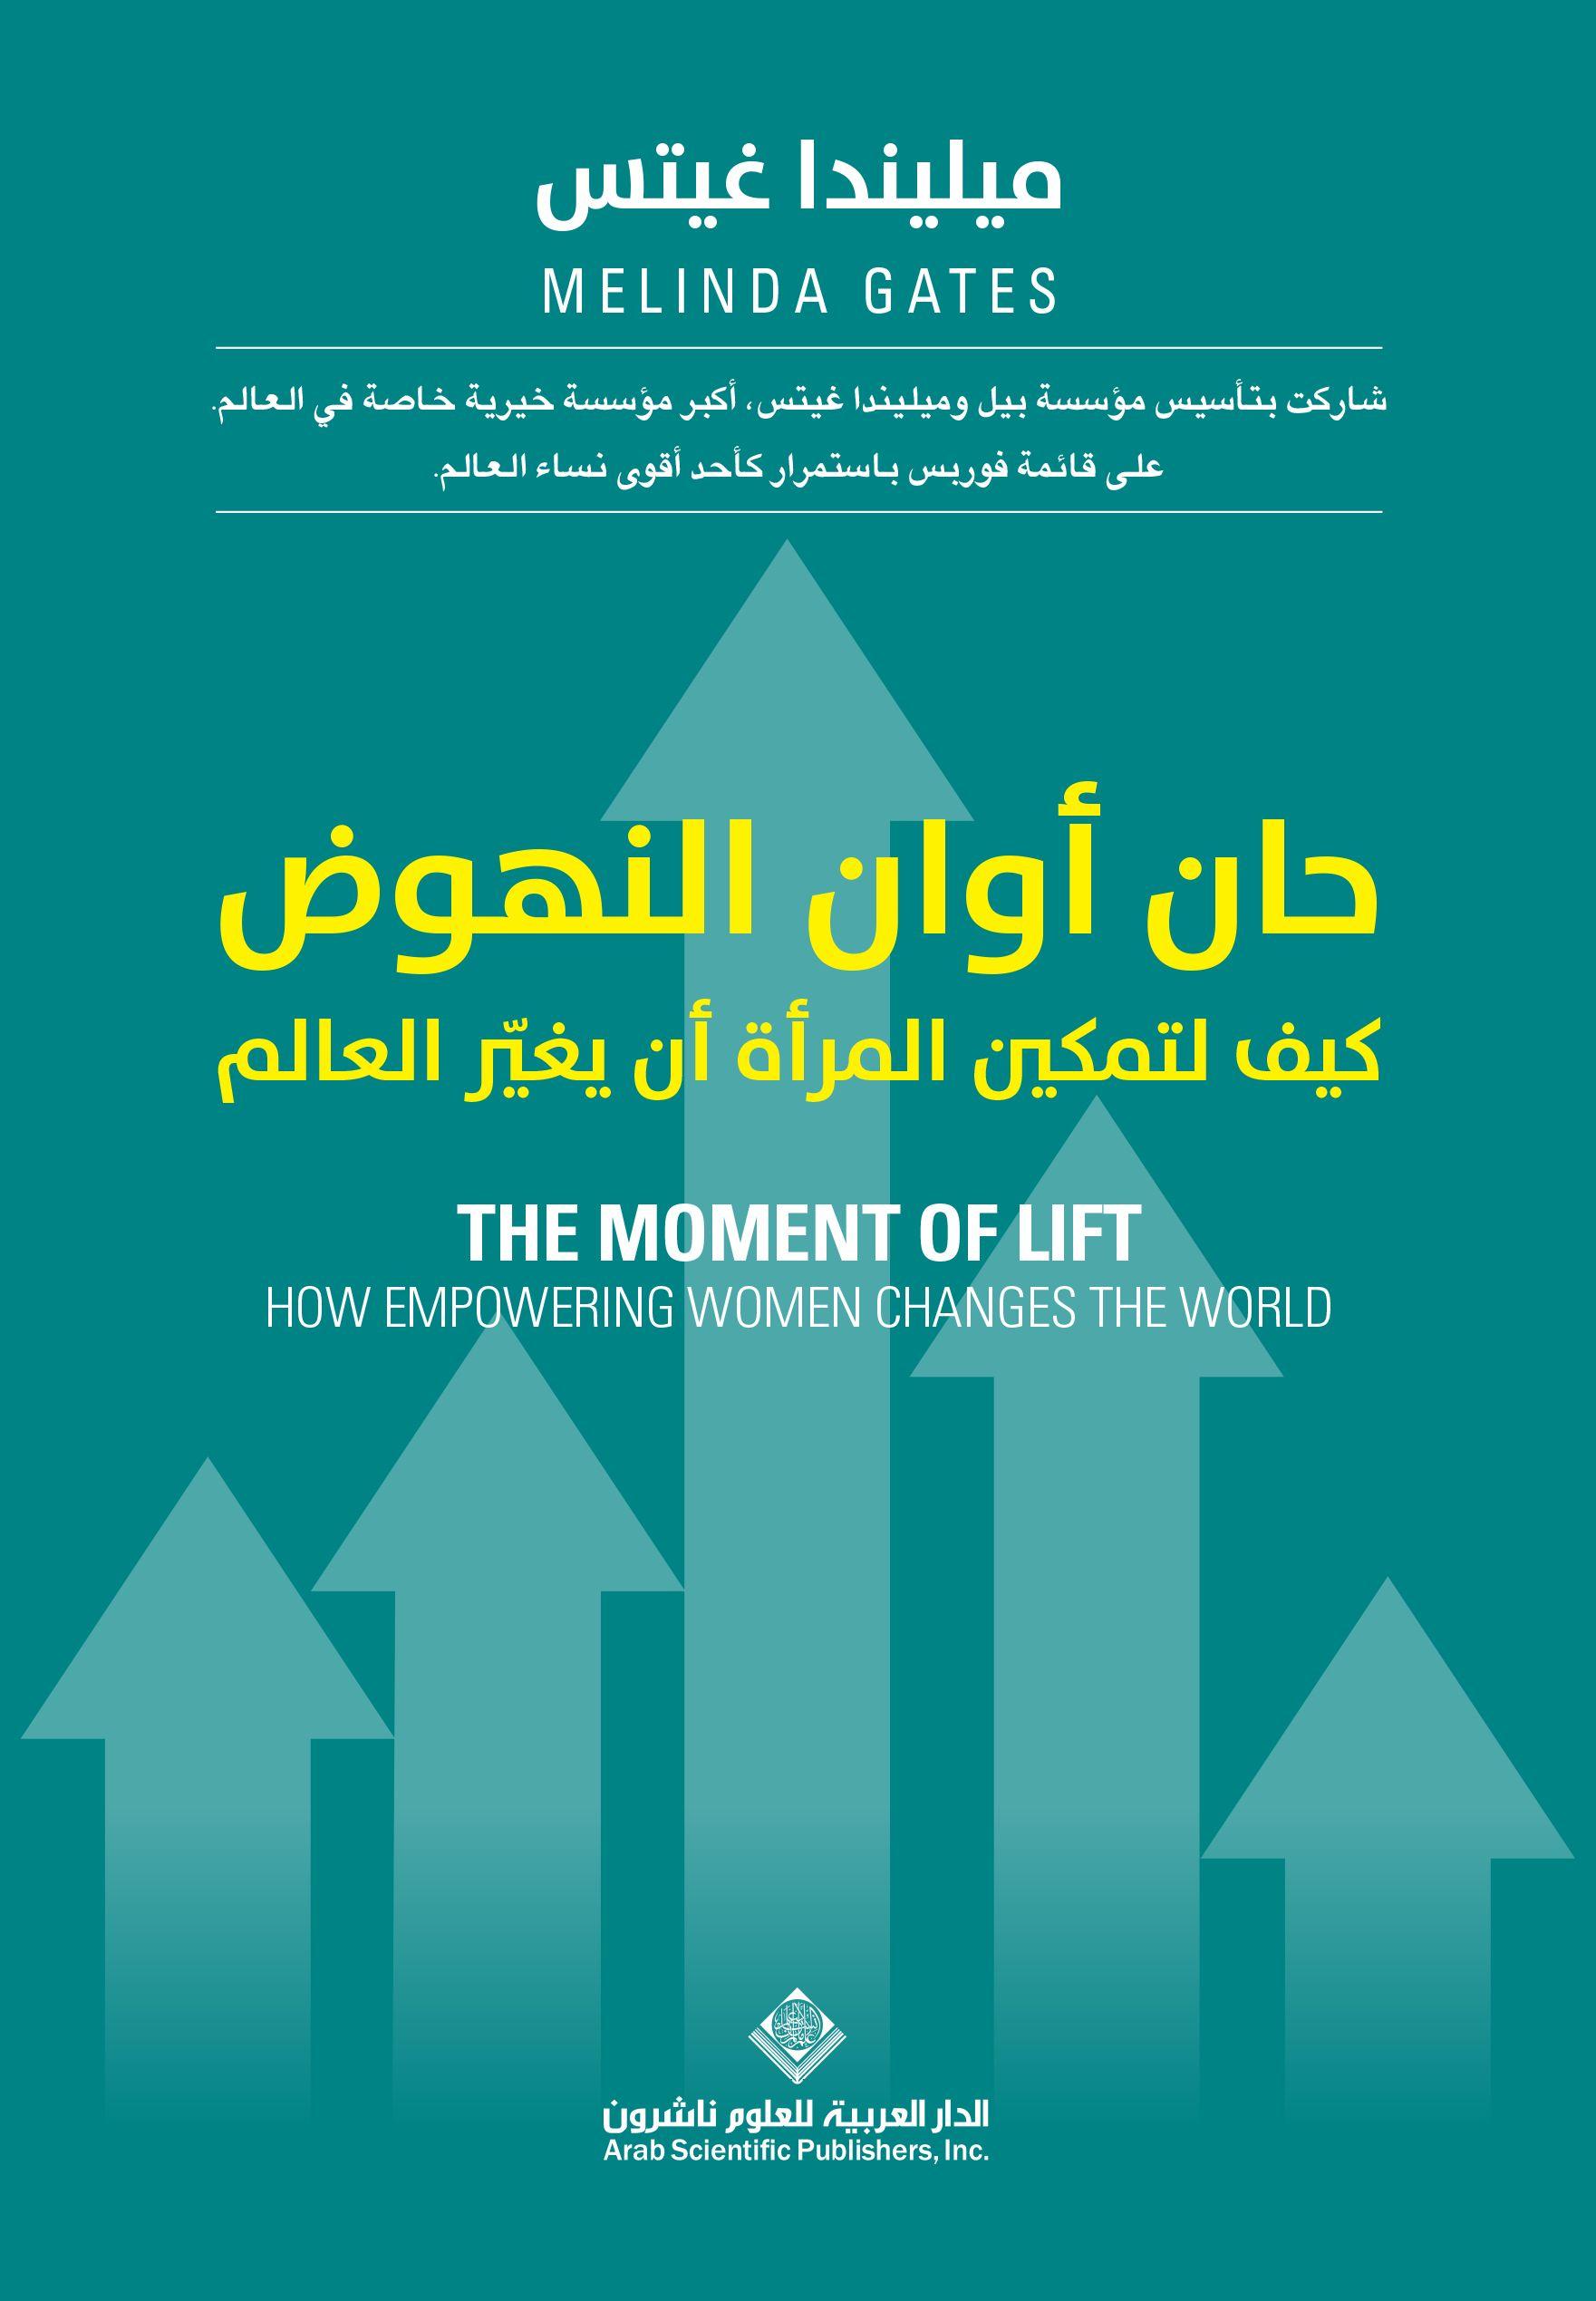 حان أوان النهوض ميليندا غيتس Books Change The World Women Empowerment